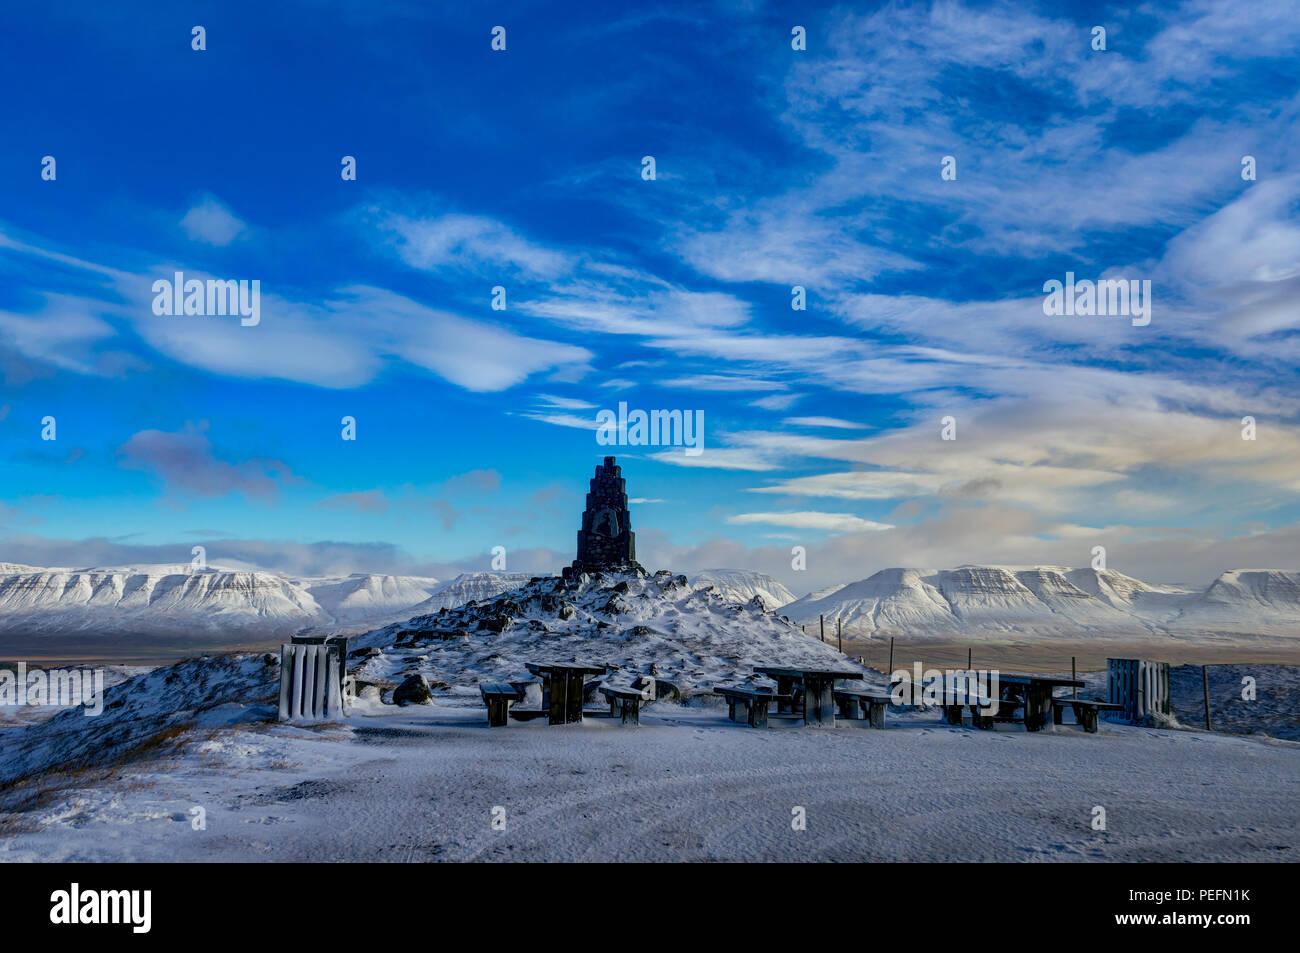 In inverno il paesaggio di Natale con alberi e montagne. Paesaggio Di Natale su una mattina di sole con cielo blu e nuvole e neve fresca. Foto scattata in Ic Immagini Stock